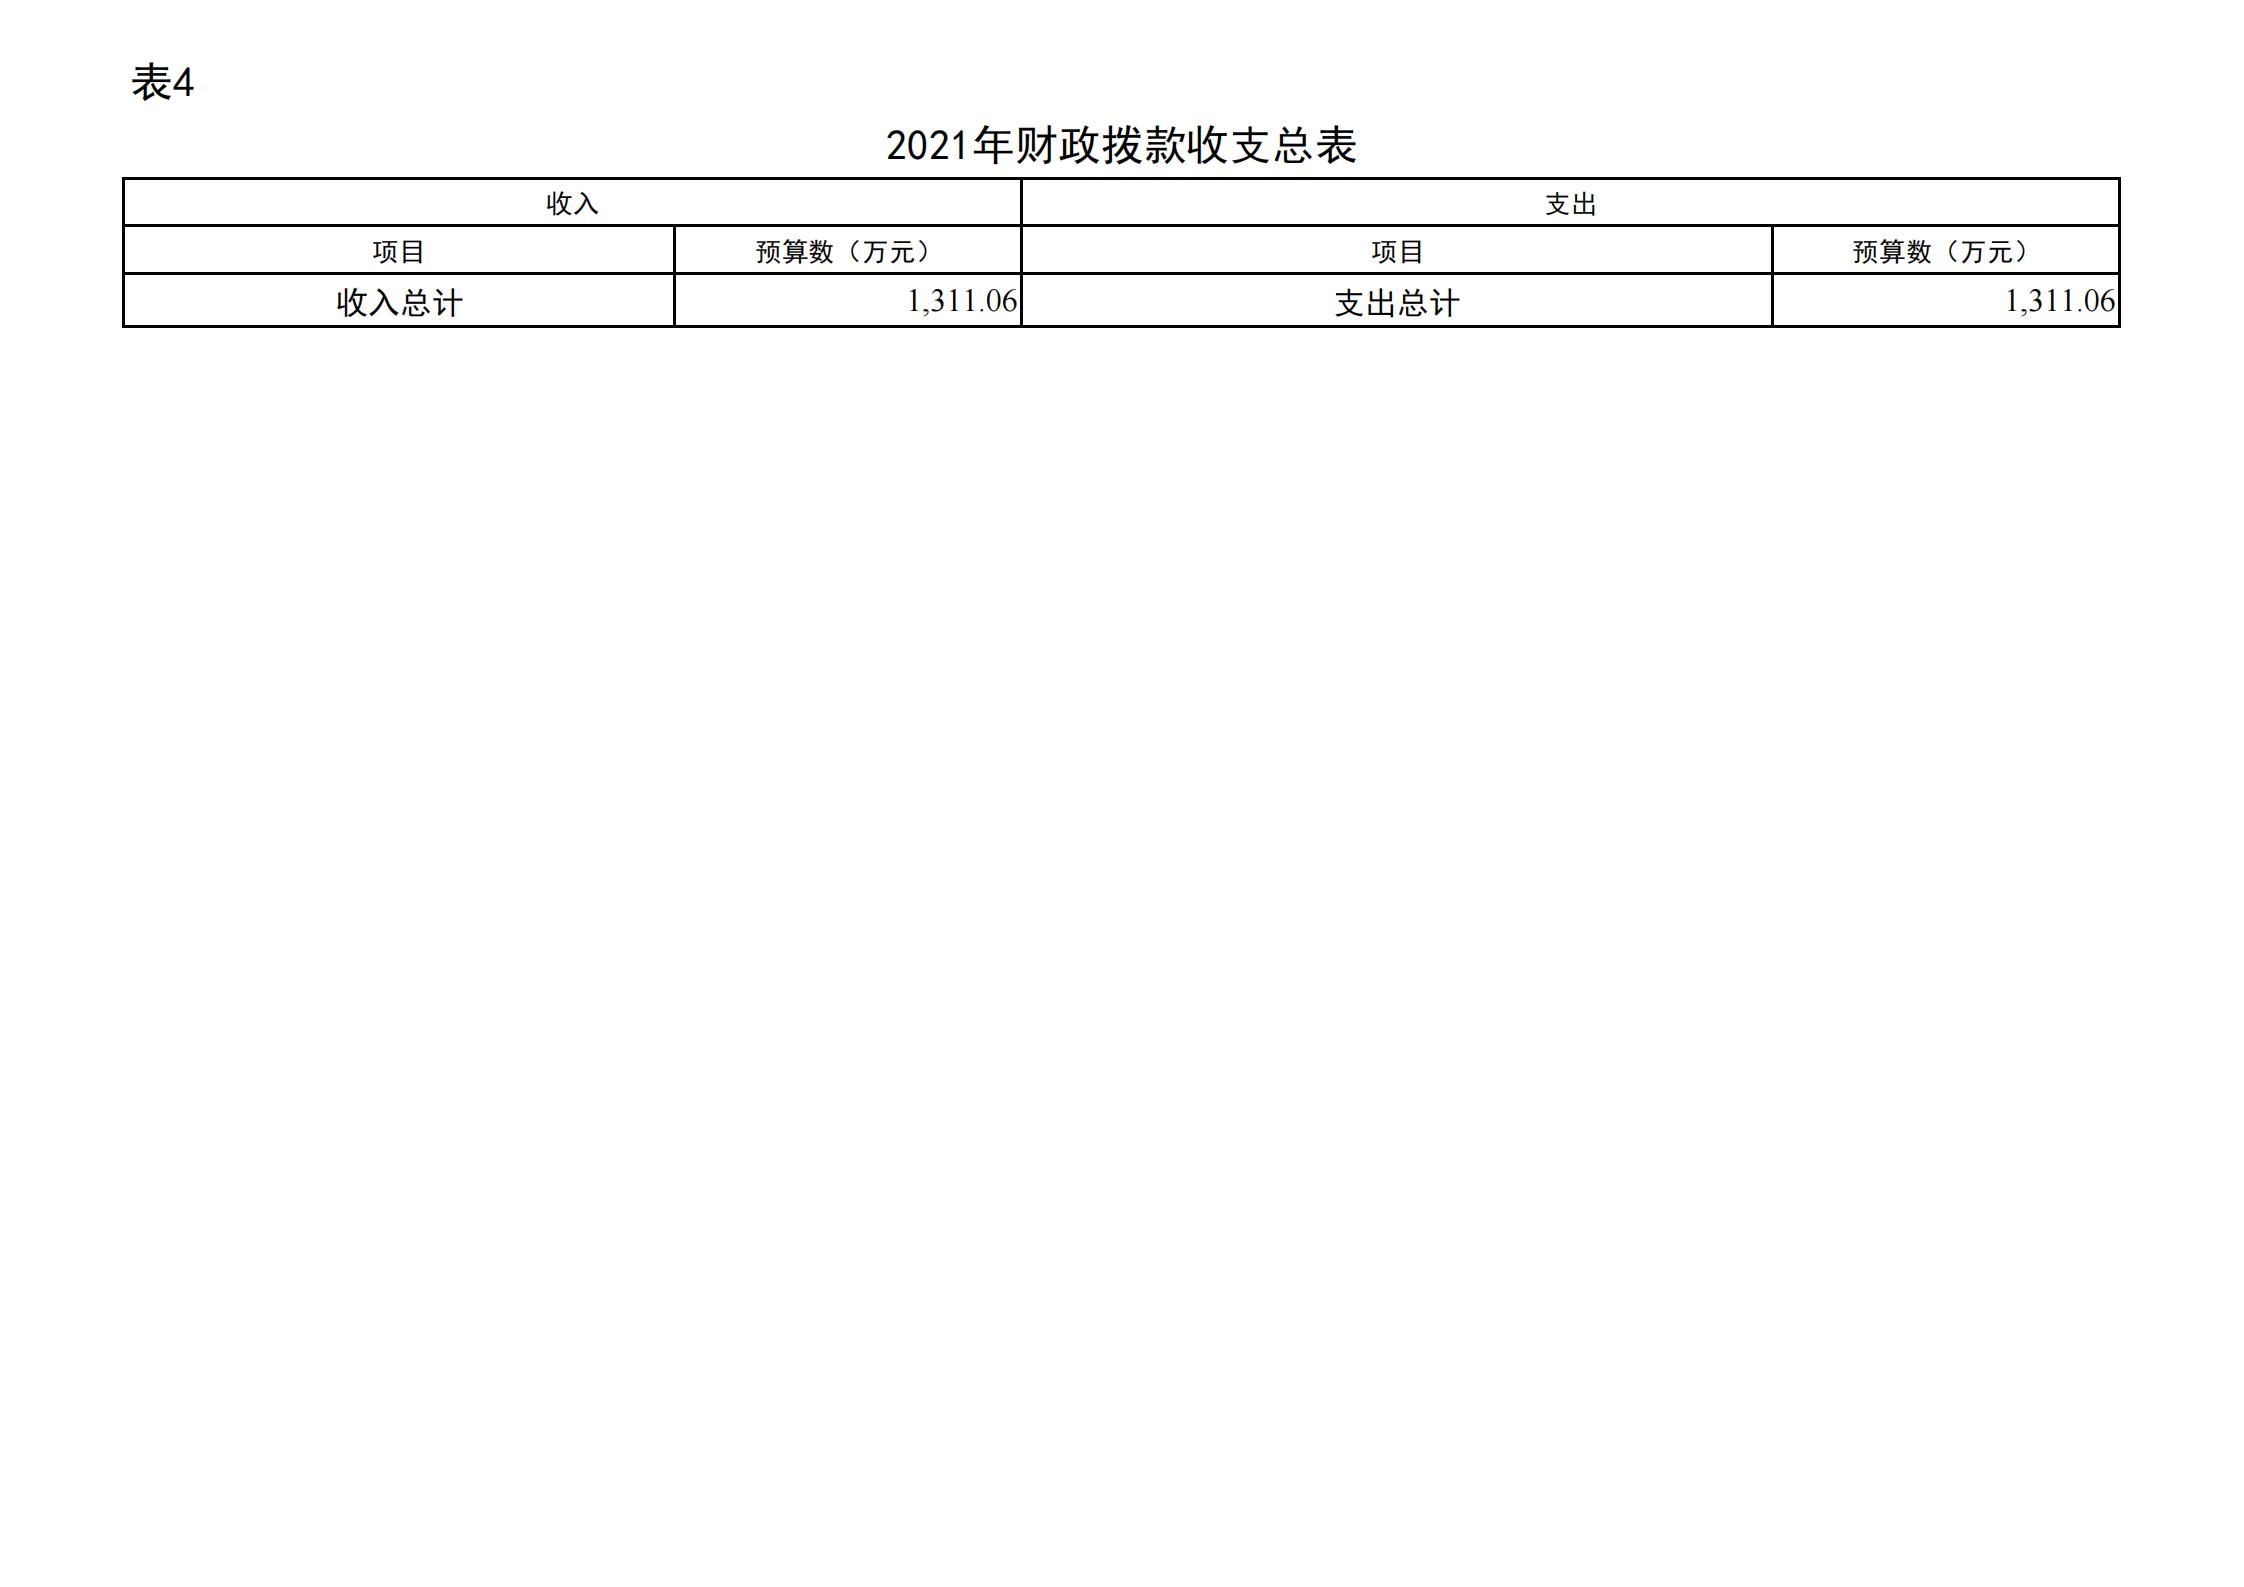 """共青团贵阳市委(本级)2021年度市级部门预算、""""三公""""经费预算公开说明(1)_15.png"""